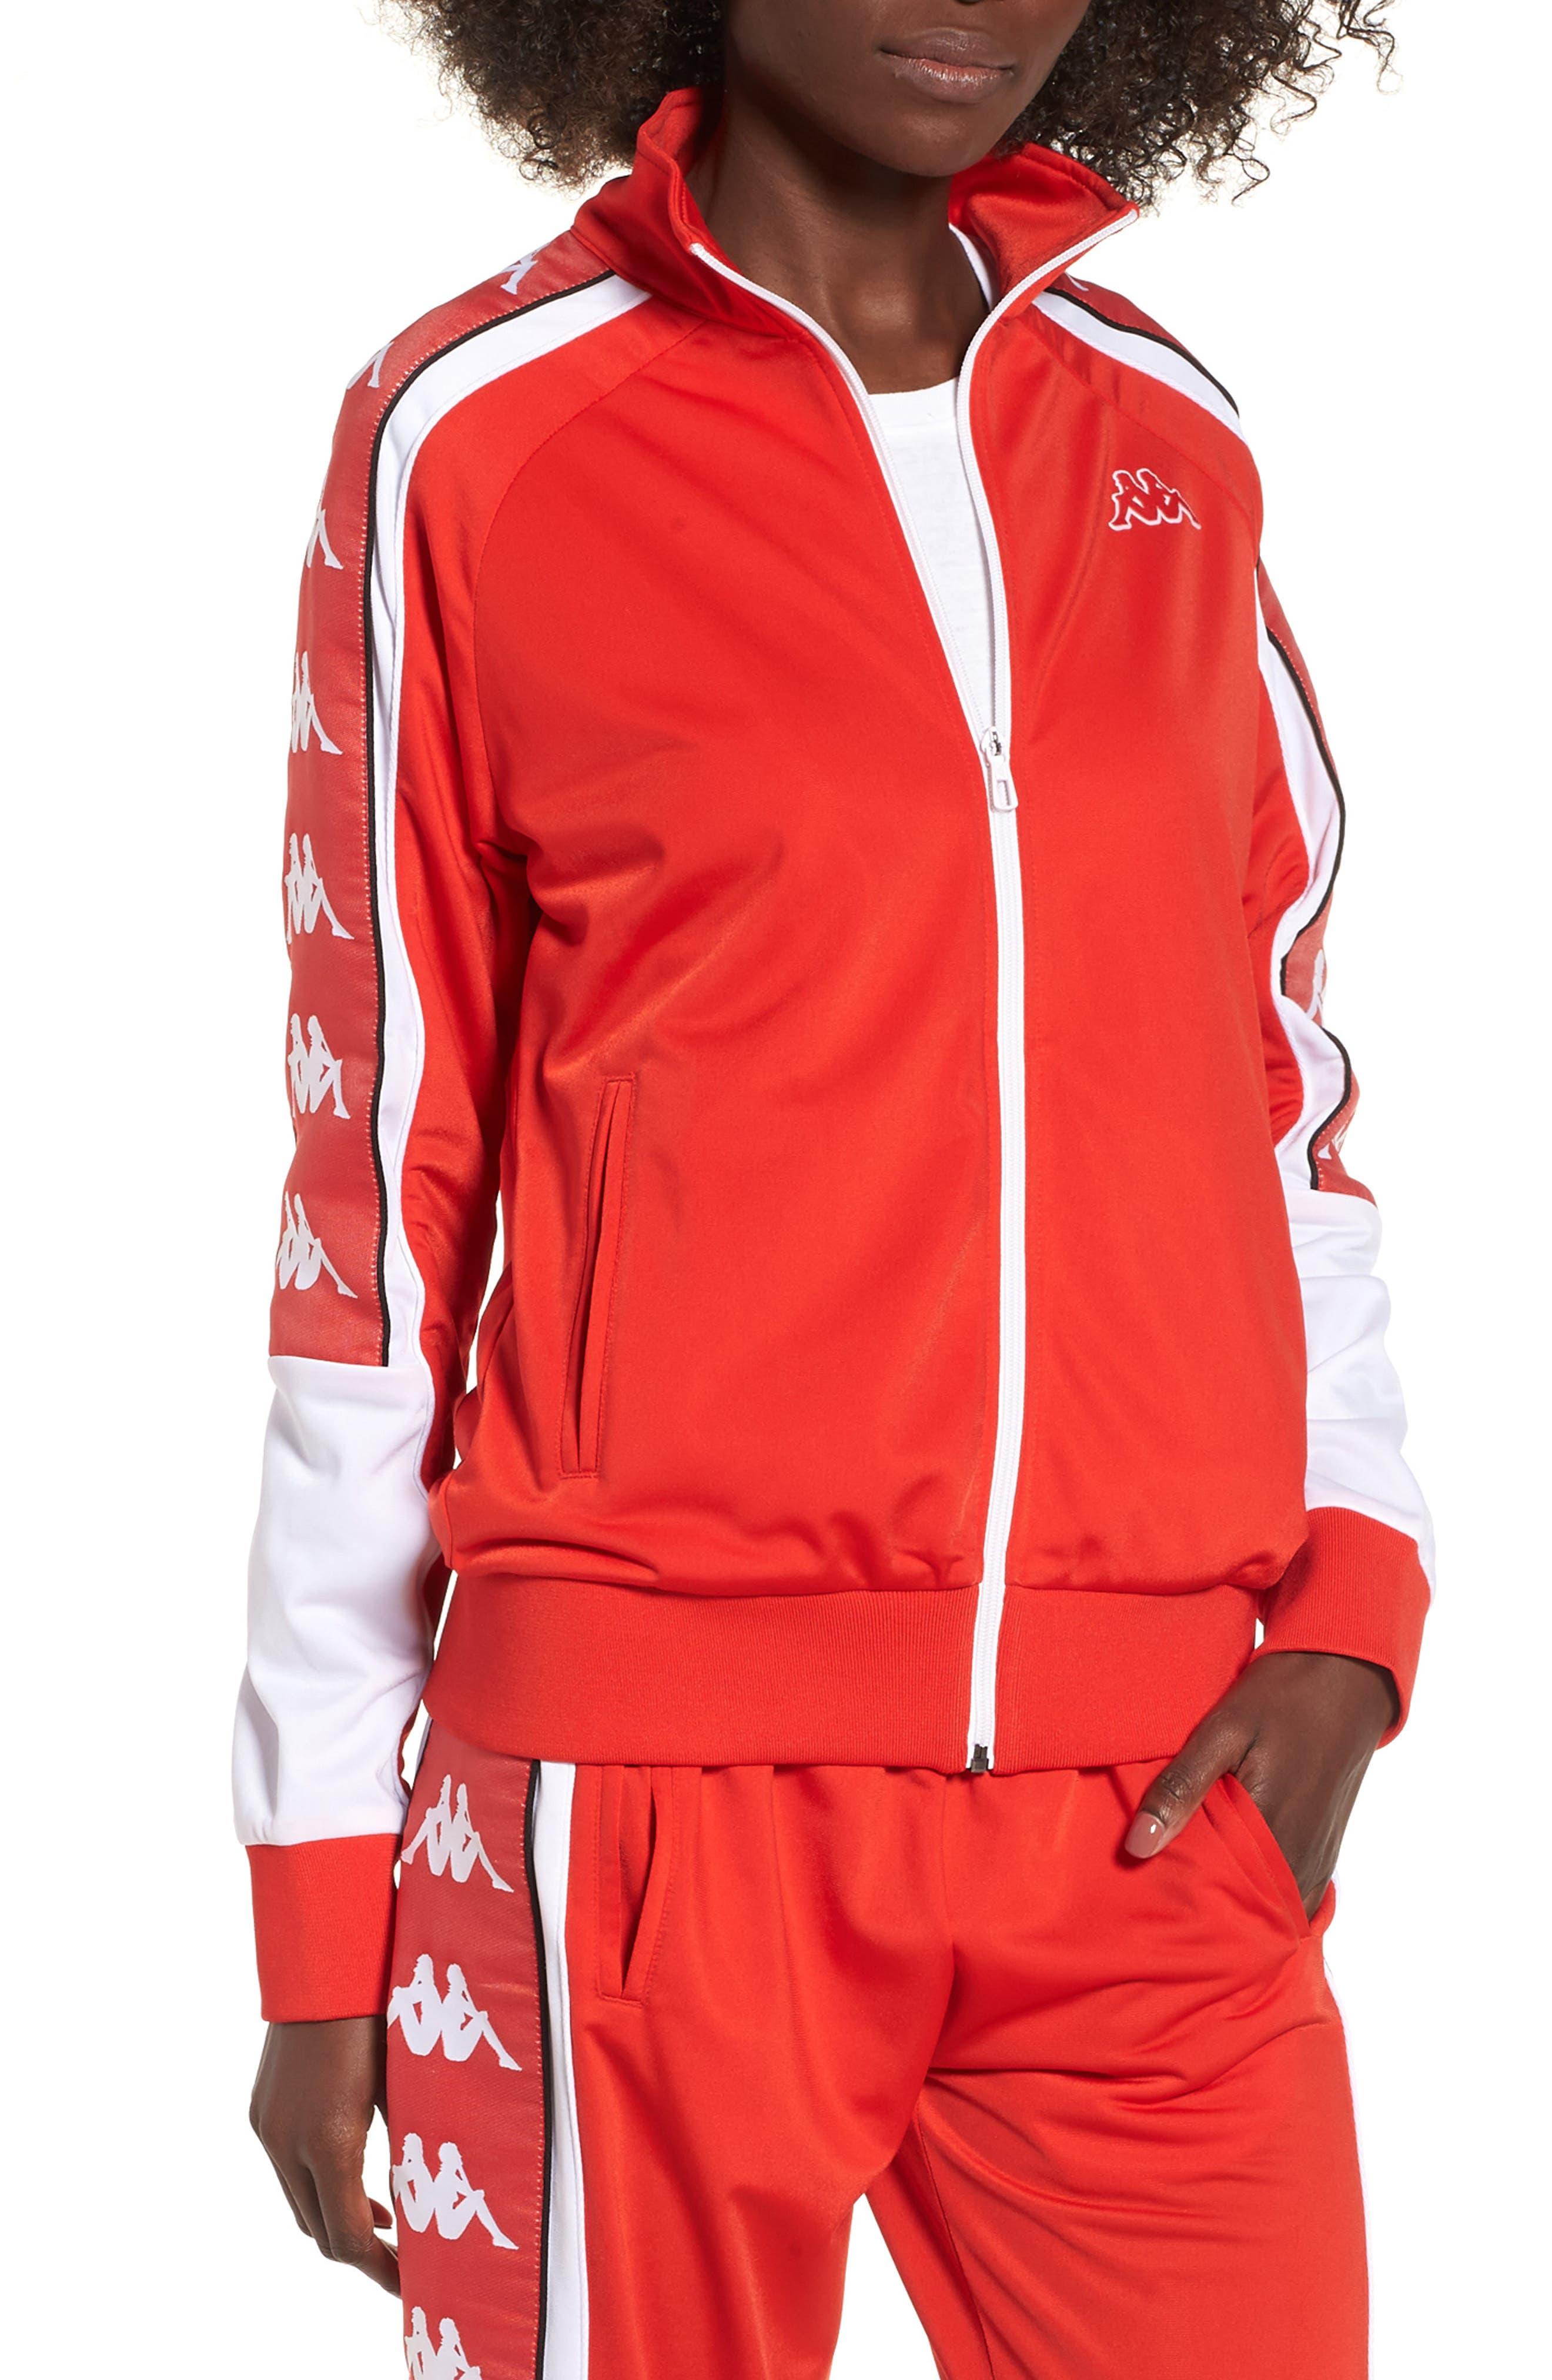 222 Banda 10 Anay Jacket,                             Main thumbnail 1, color,                             Red Flame -White